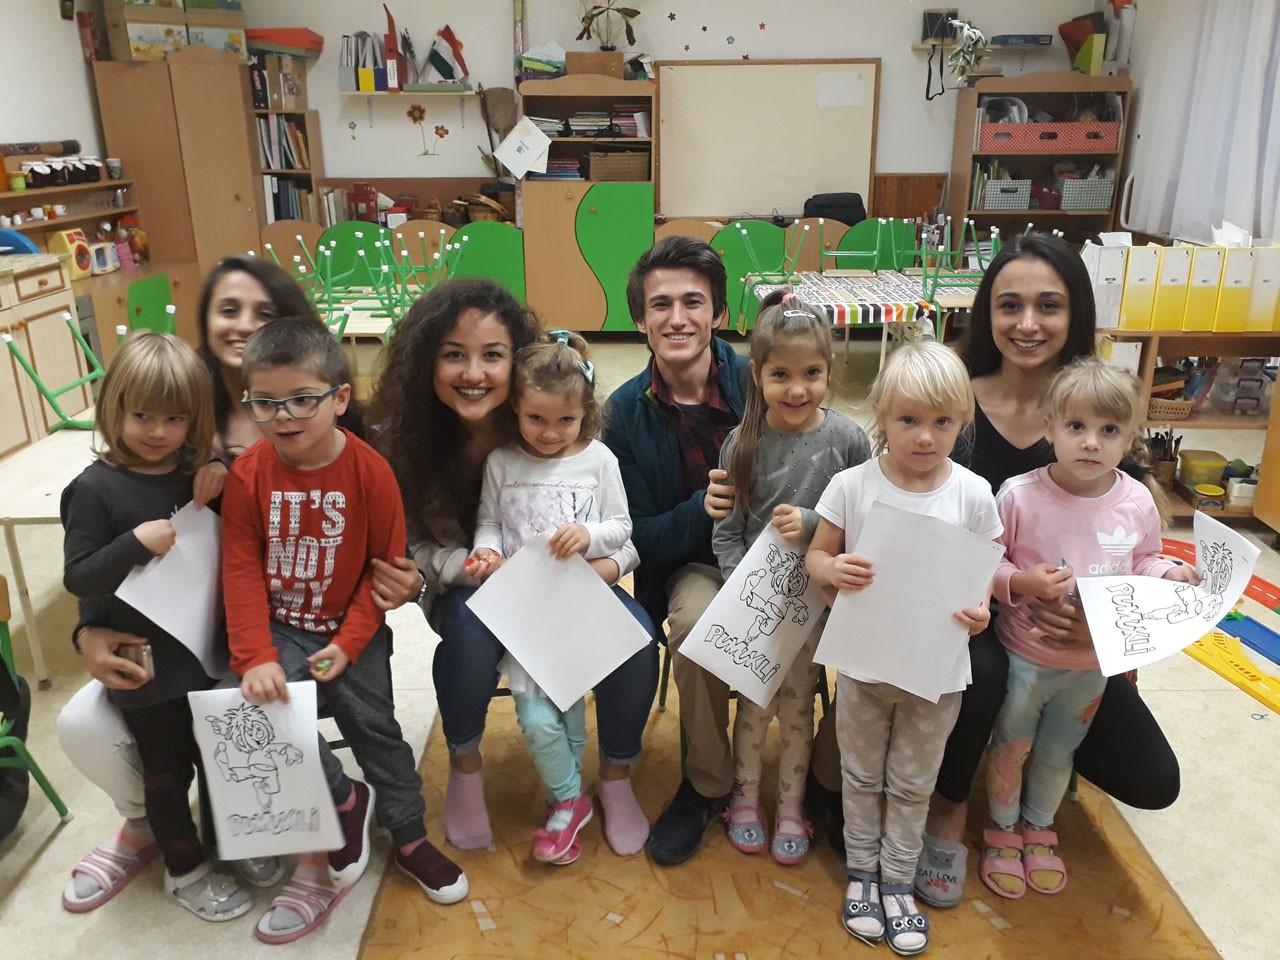 Erasmus hallgatók a kaposvári Gyakorló Óvodánkban